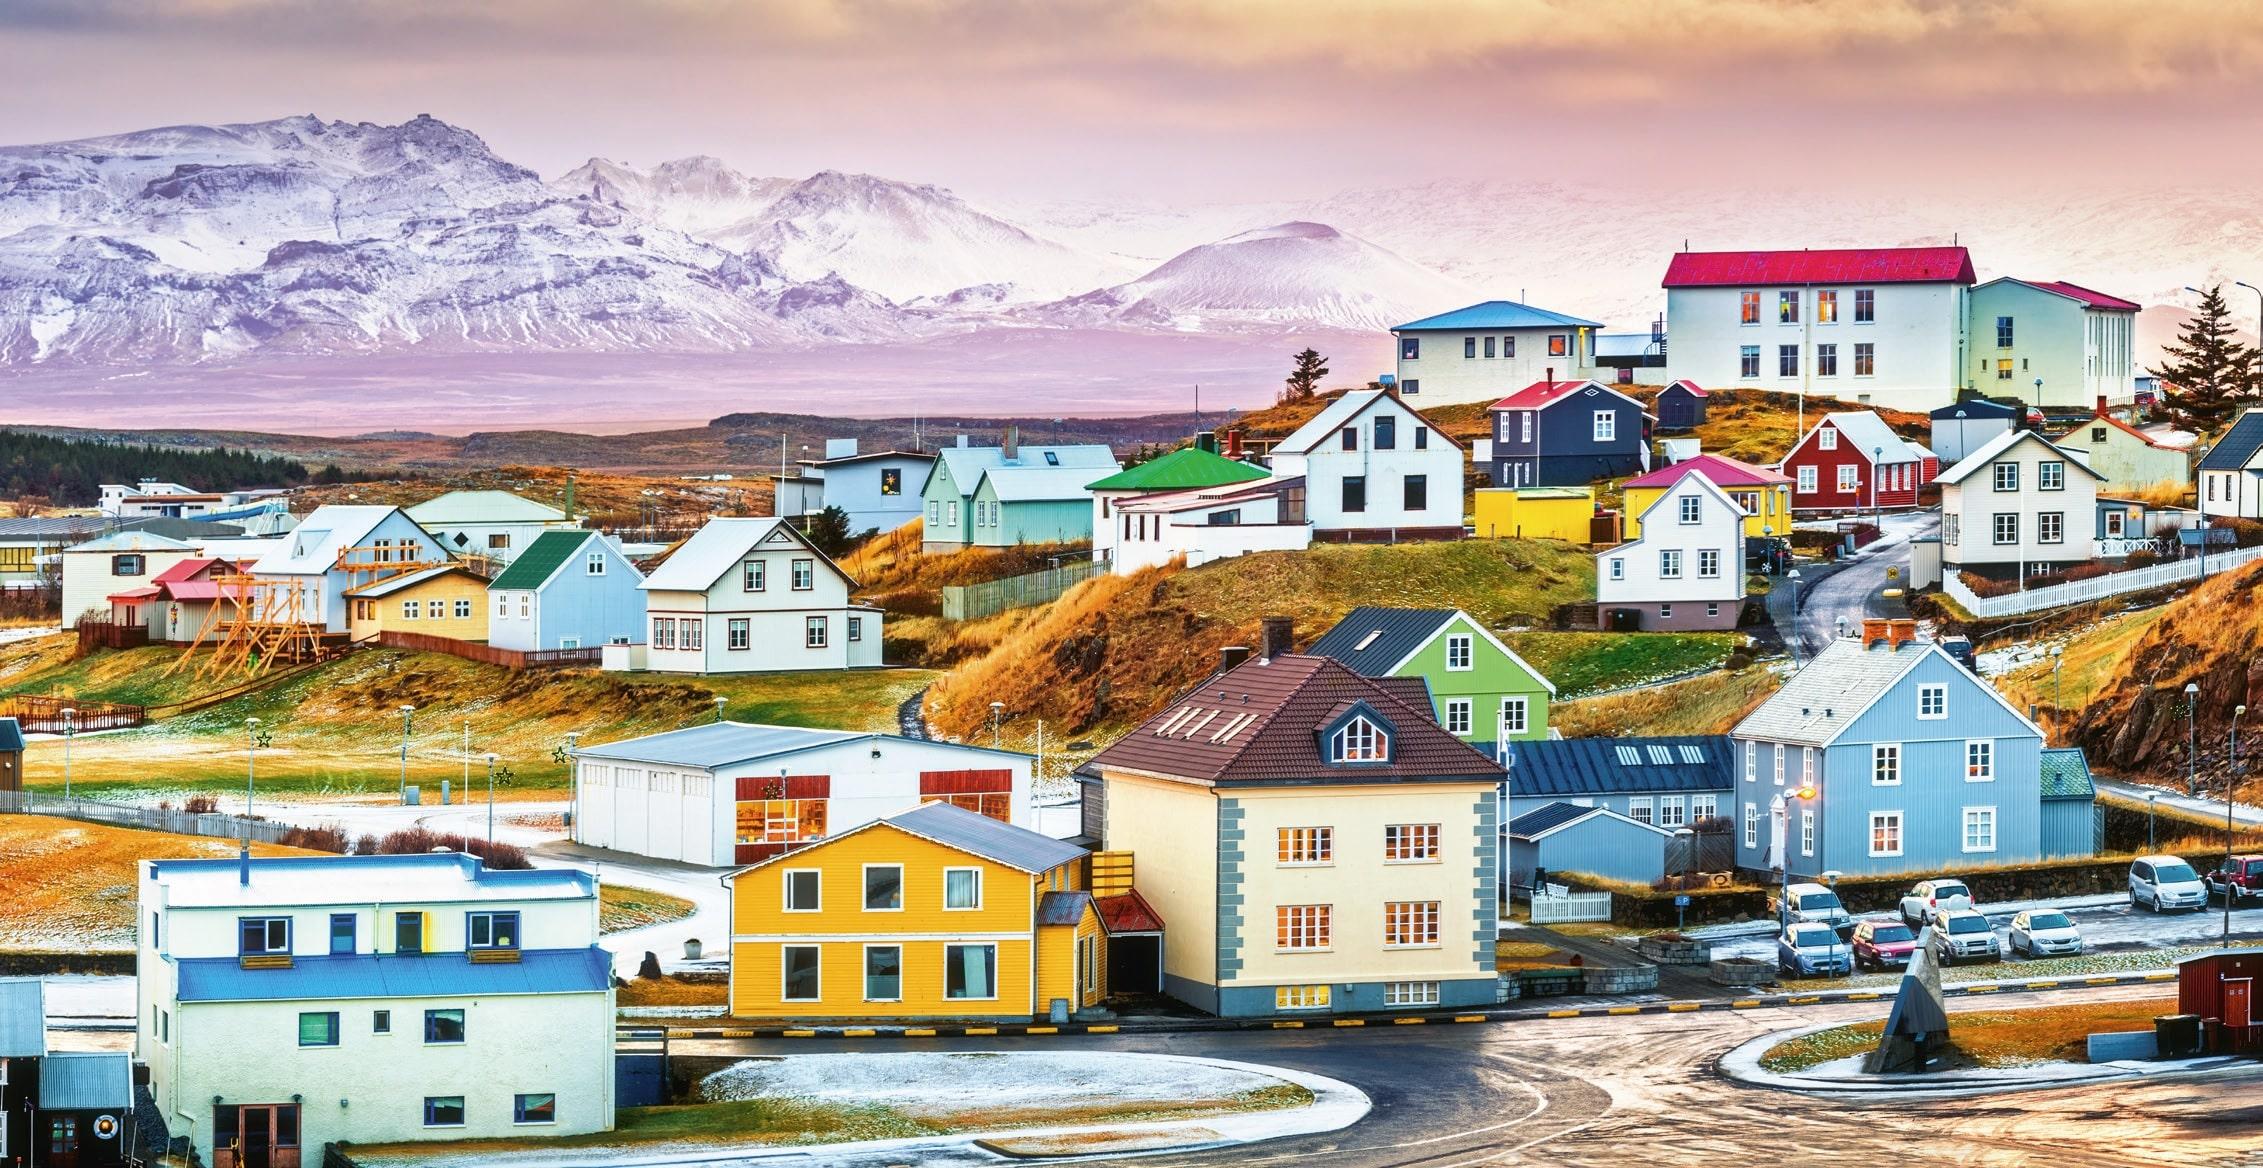 Islande & aurores boréales 7